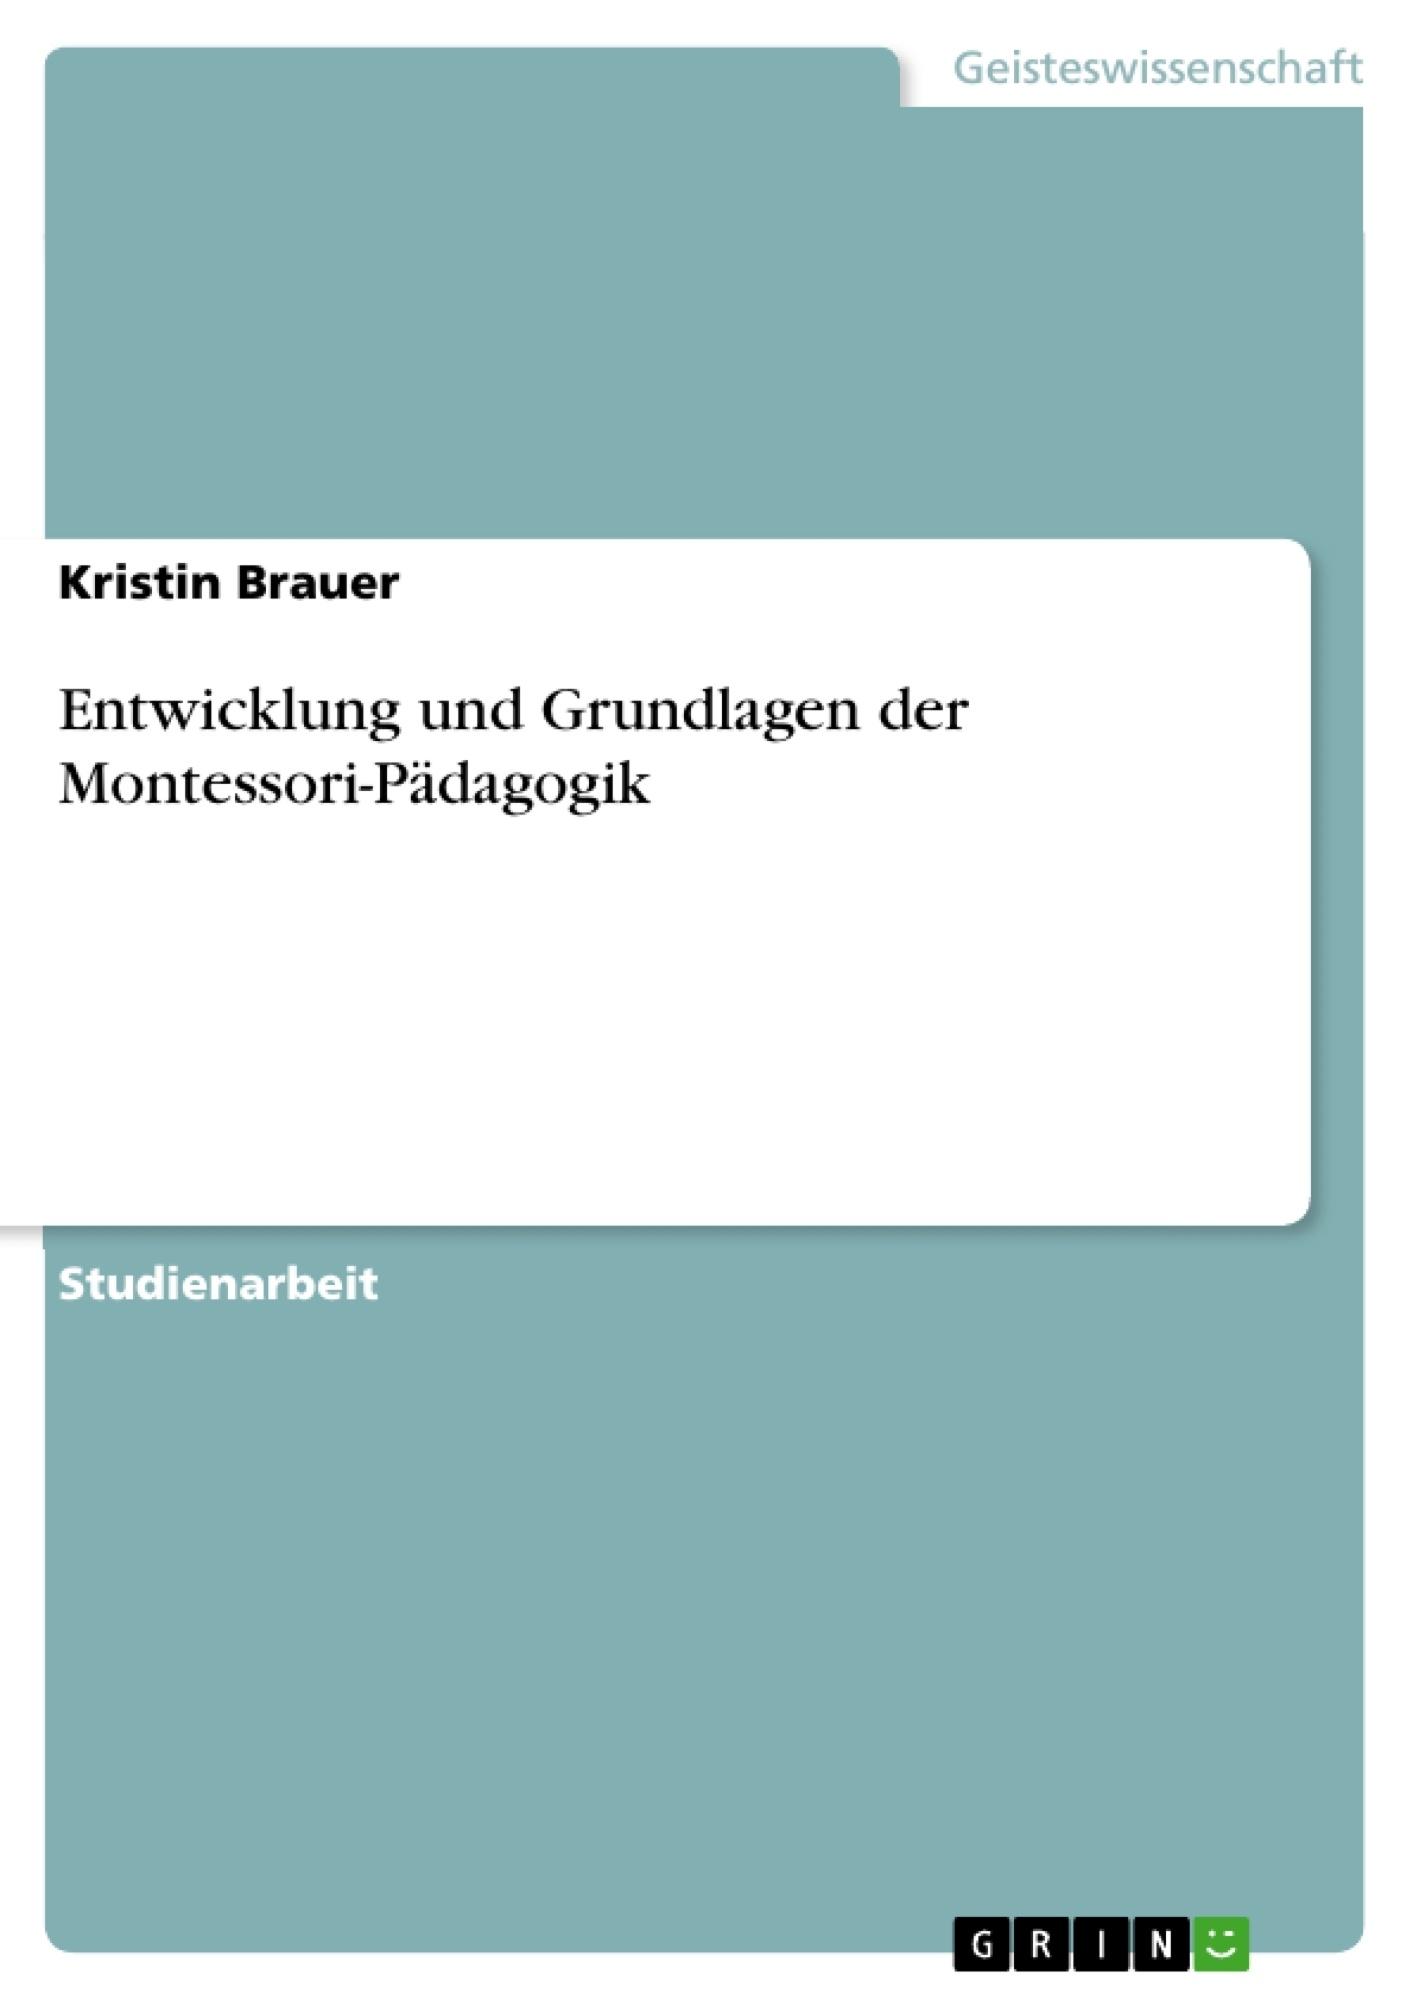 Titel: Entwicklung und Grundlagen der Montessori-Pädagogik